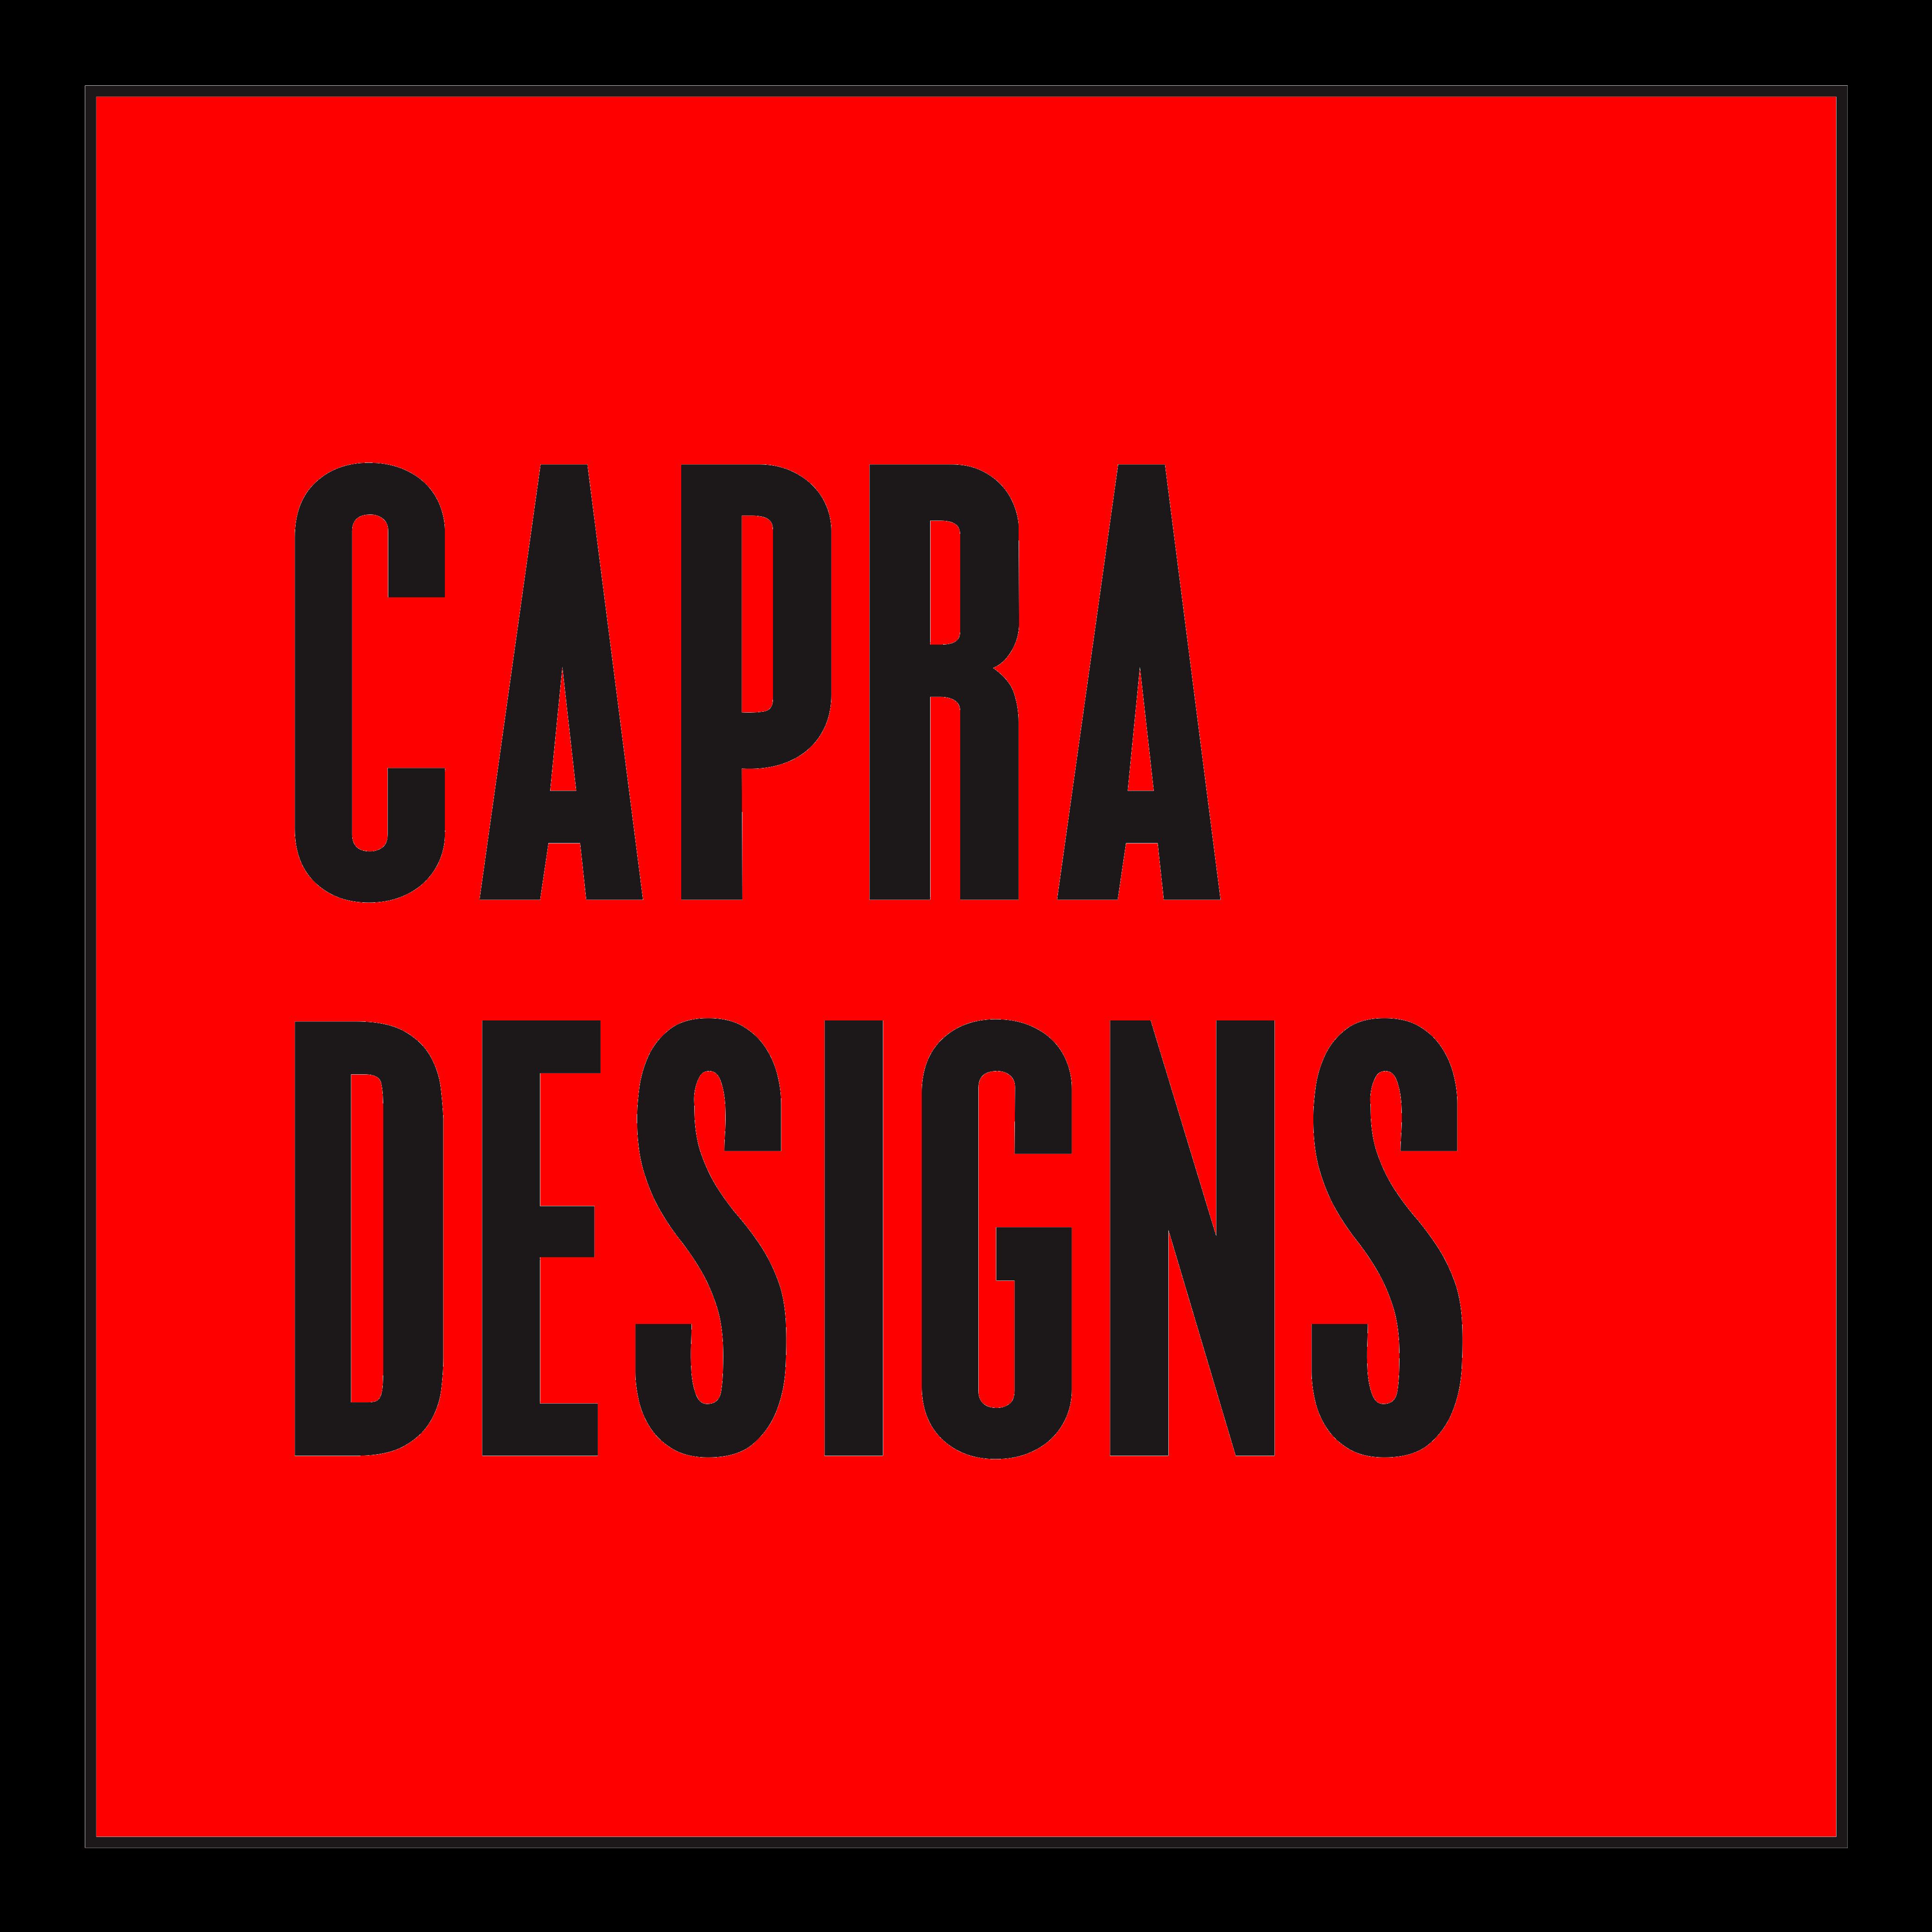 Capra design logo